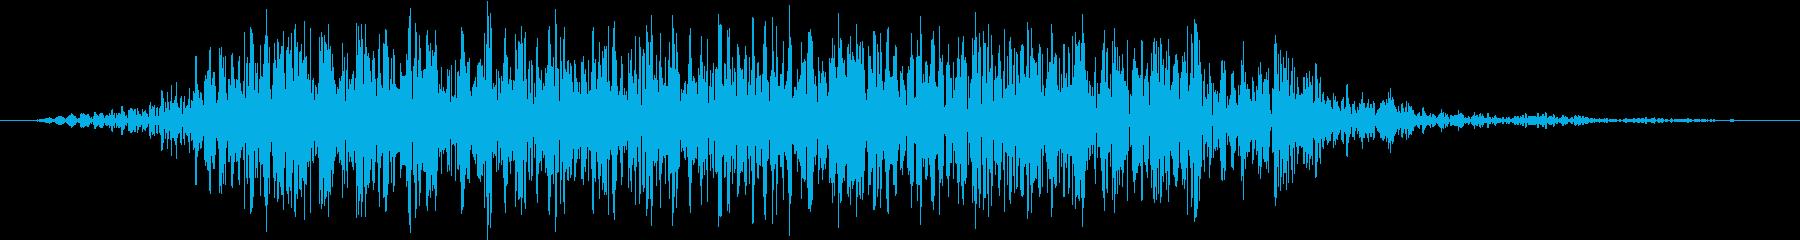 モンスター 悲鳴 47の再生済みの波形